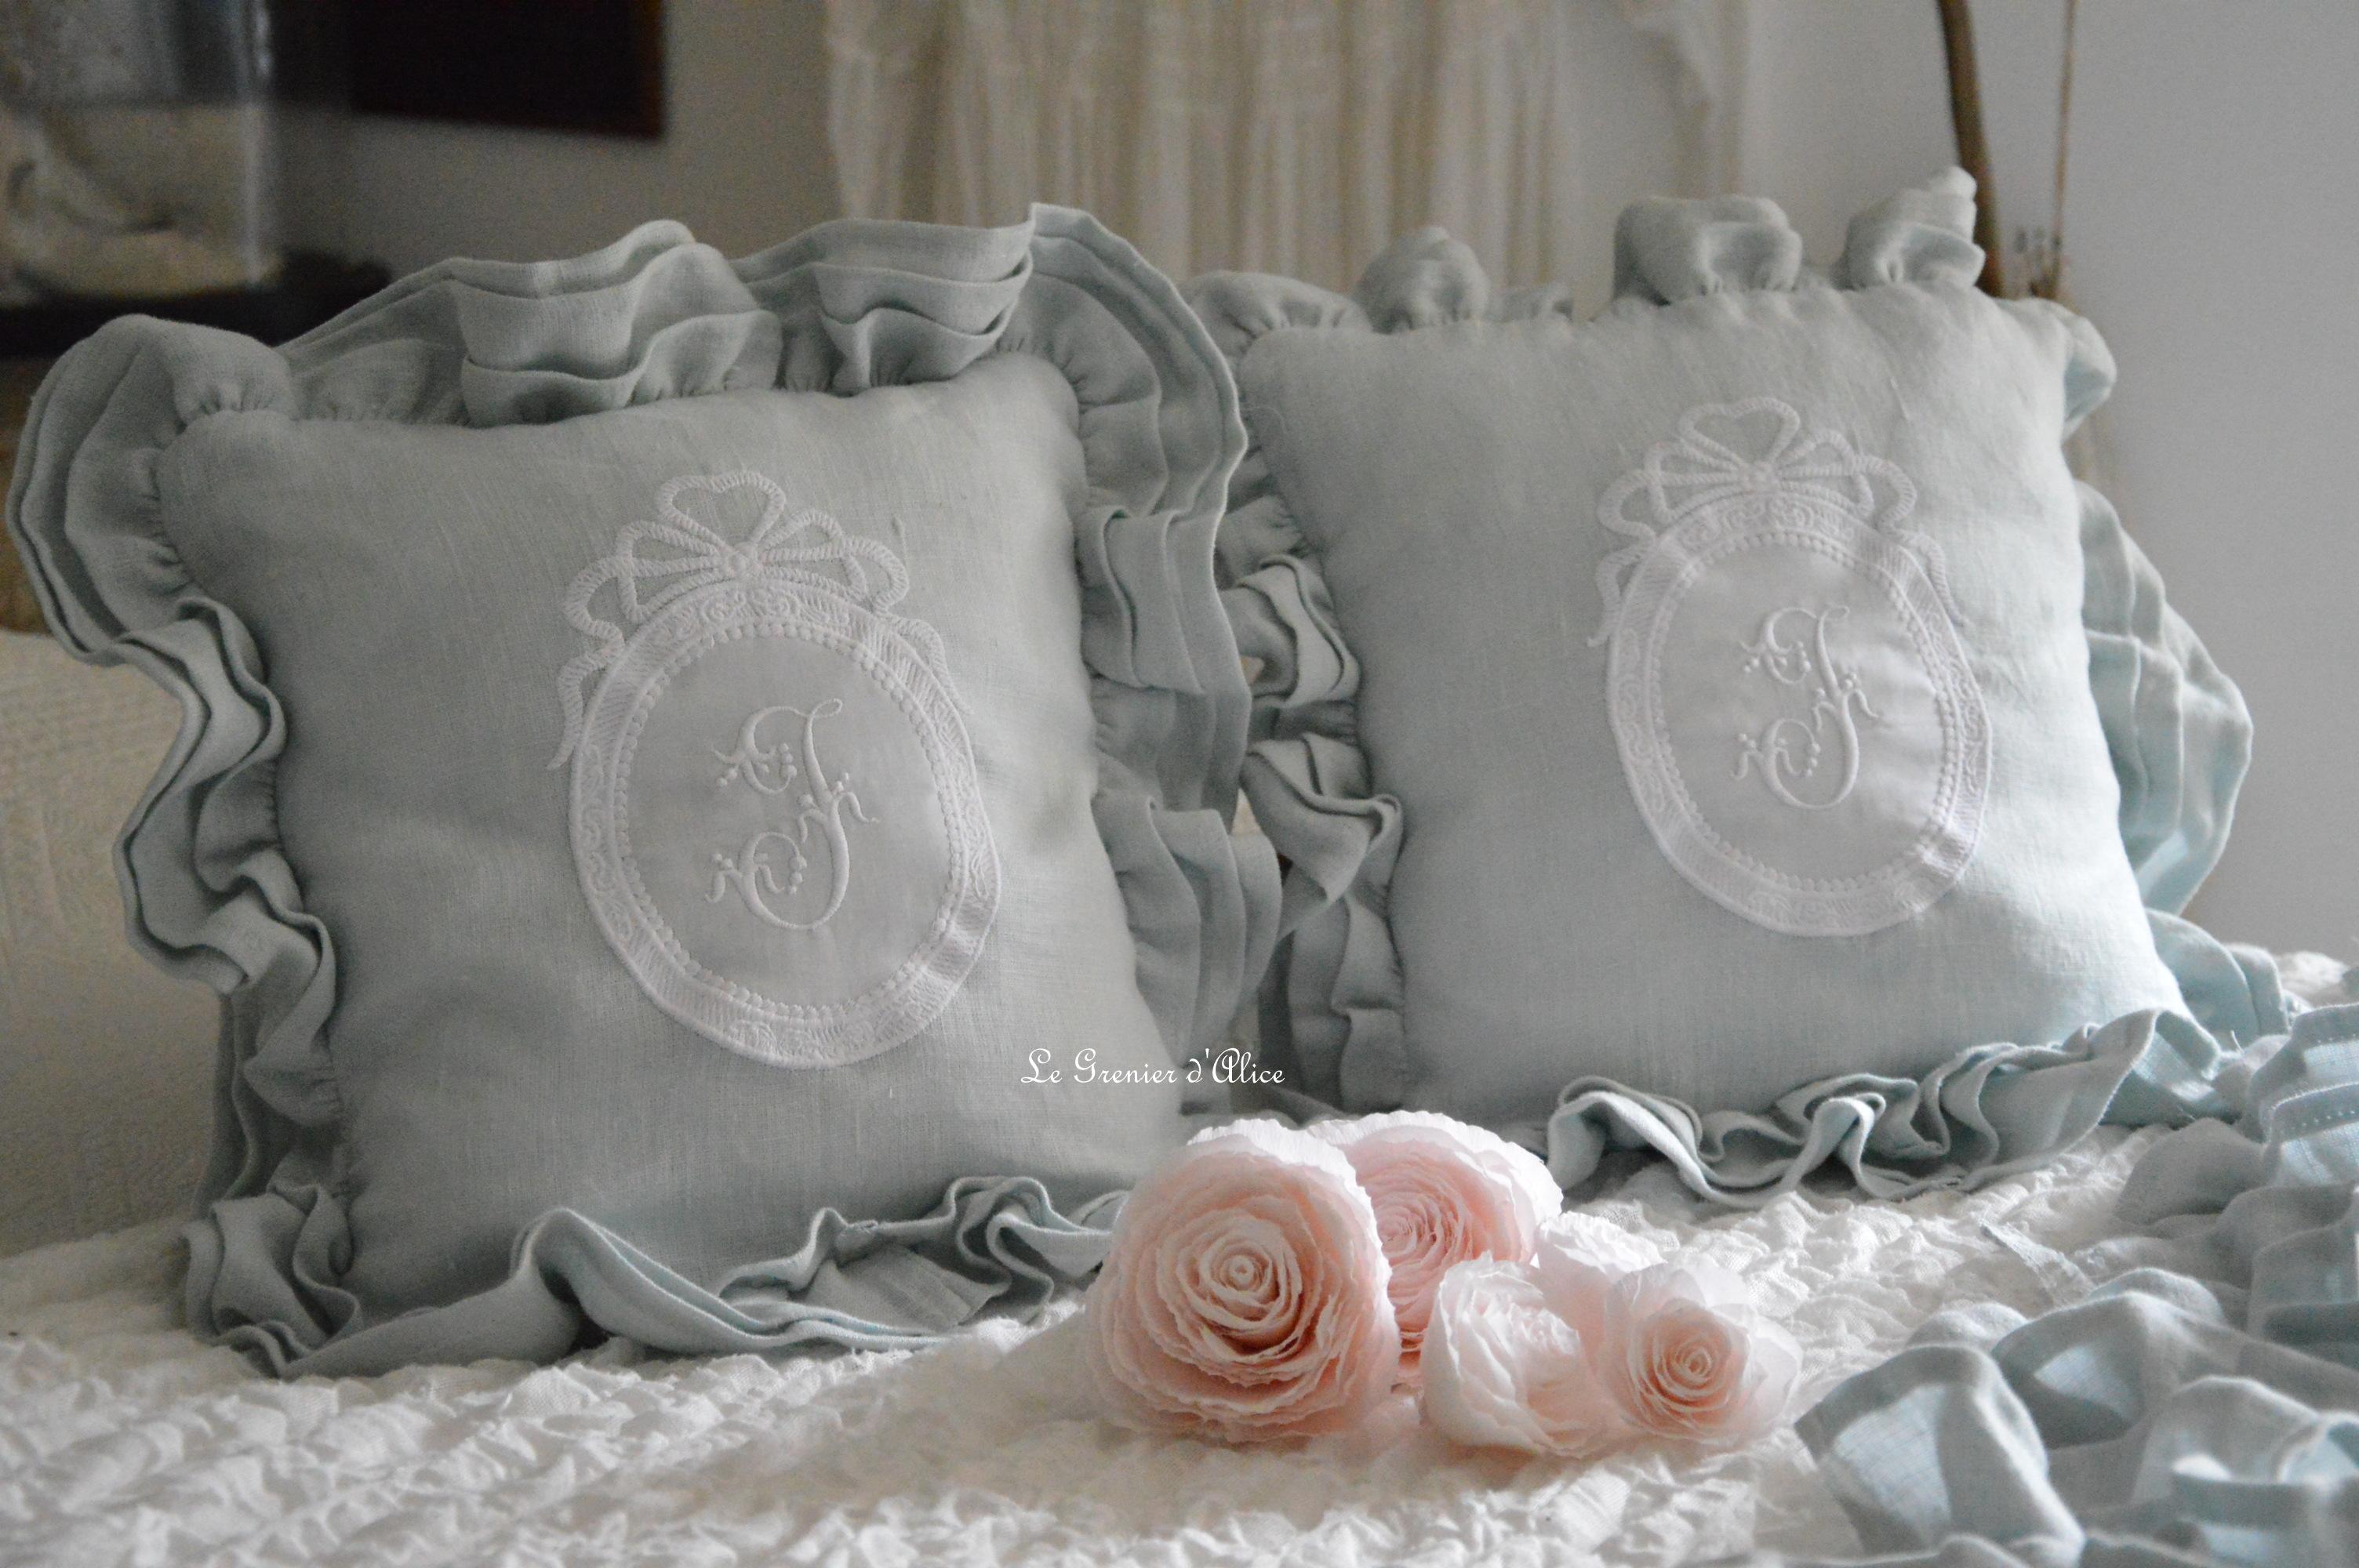 le grenier d 39 alice shabby chic et romantique french decor part 2. Black Bedroom Furniture Sets. Home Design Ideas